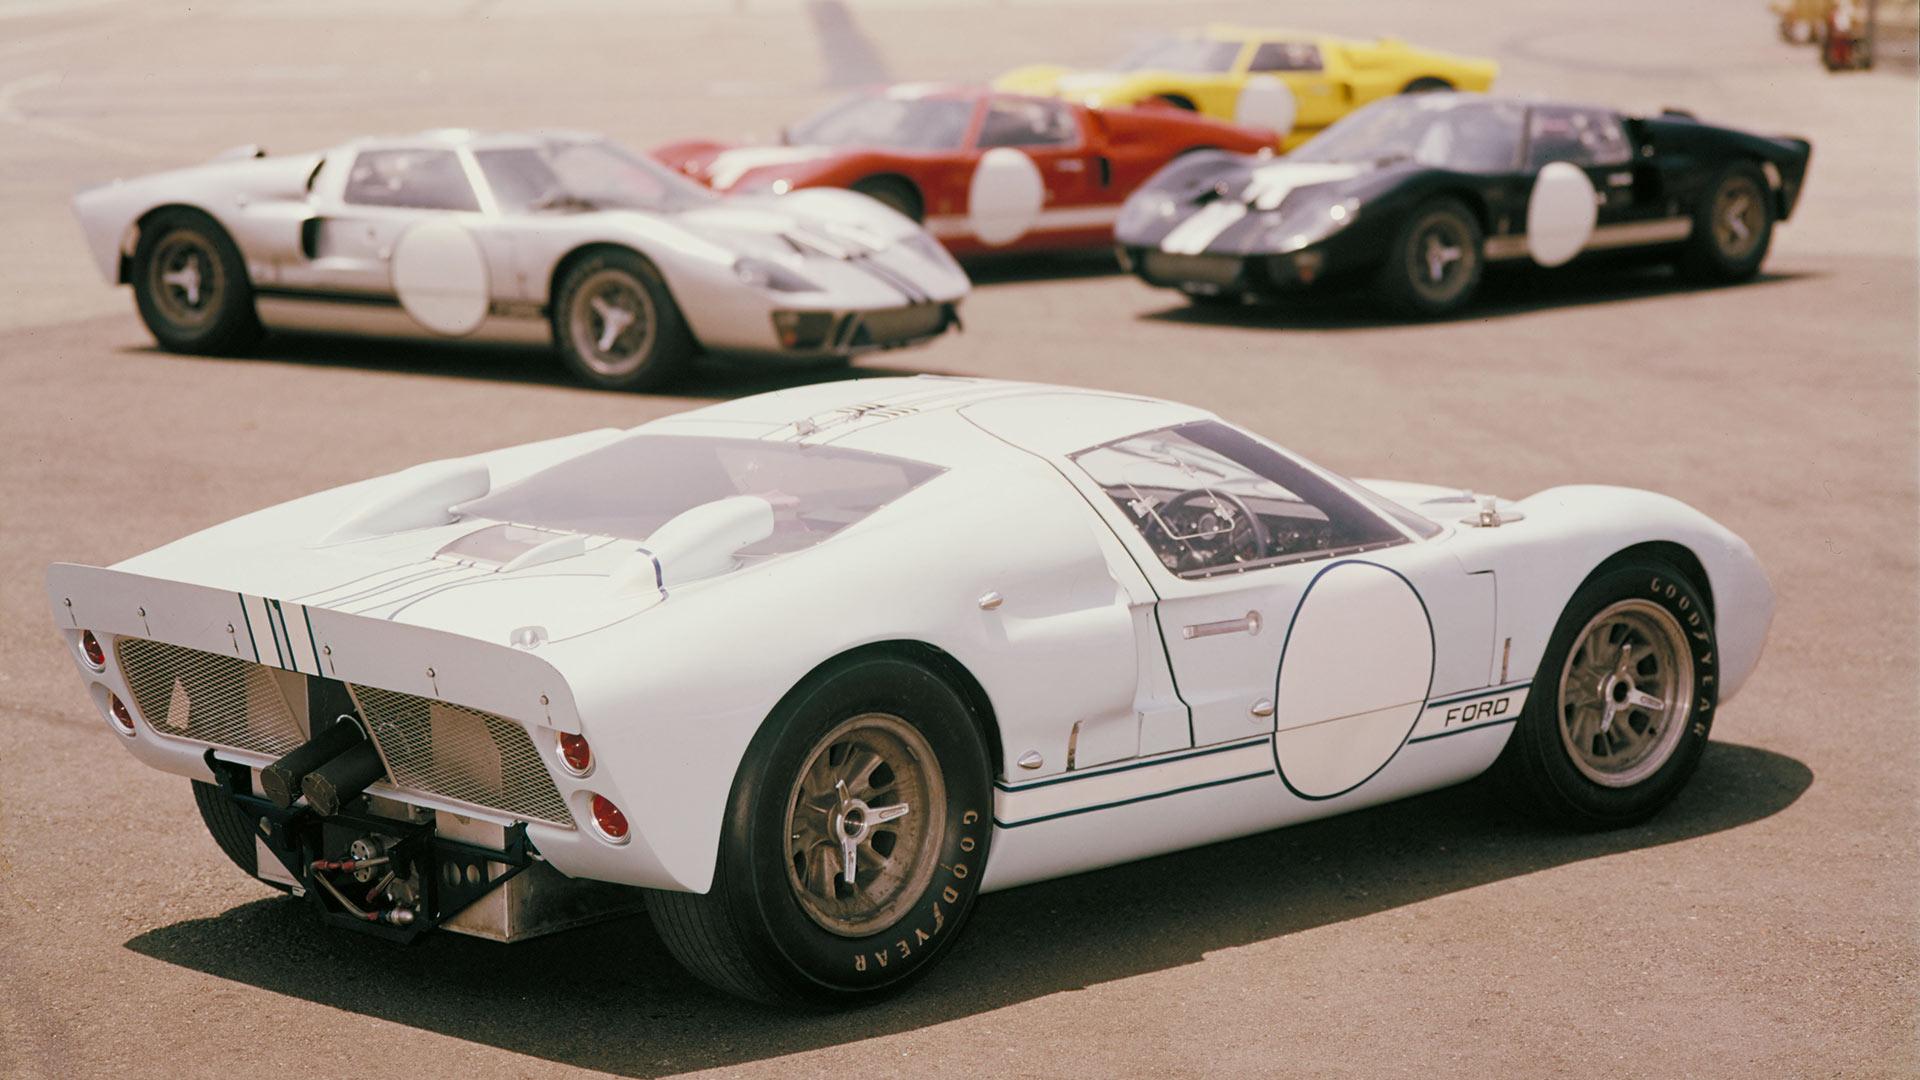 1966 Ford GT40 Mk II